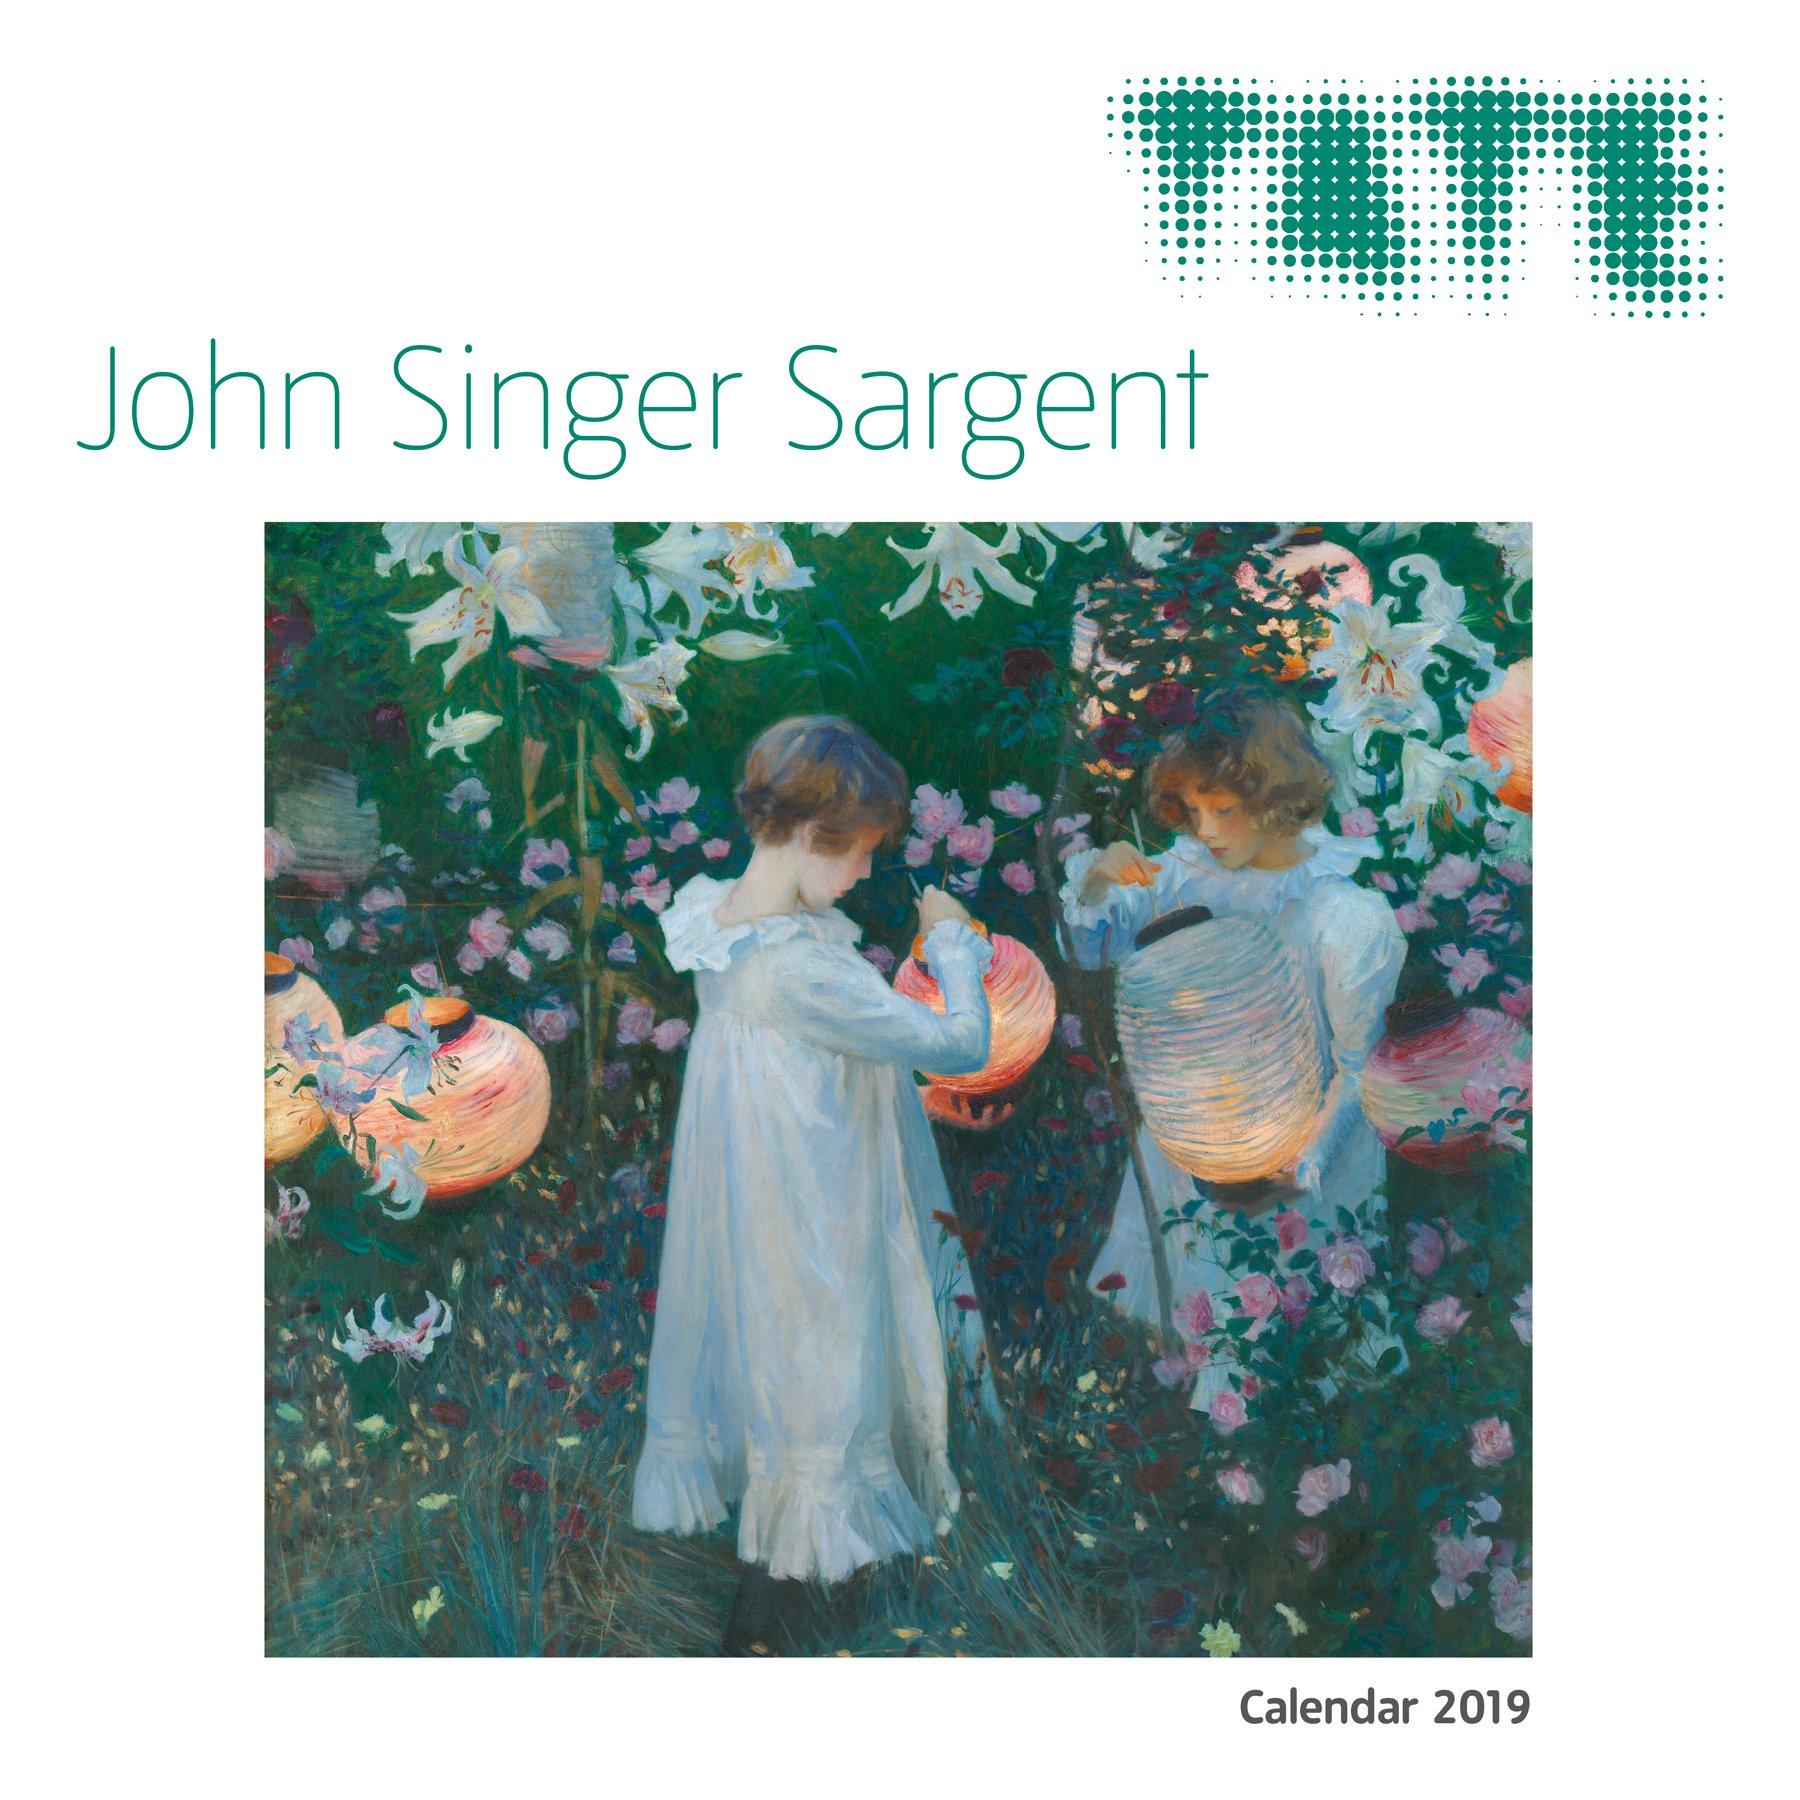 tate john singer sargent wall calendar 2019 art calendar